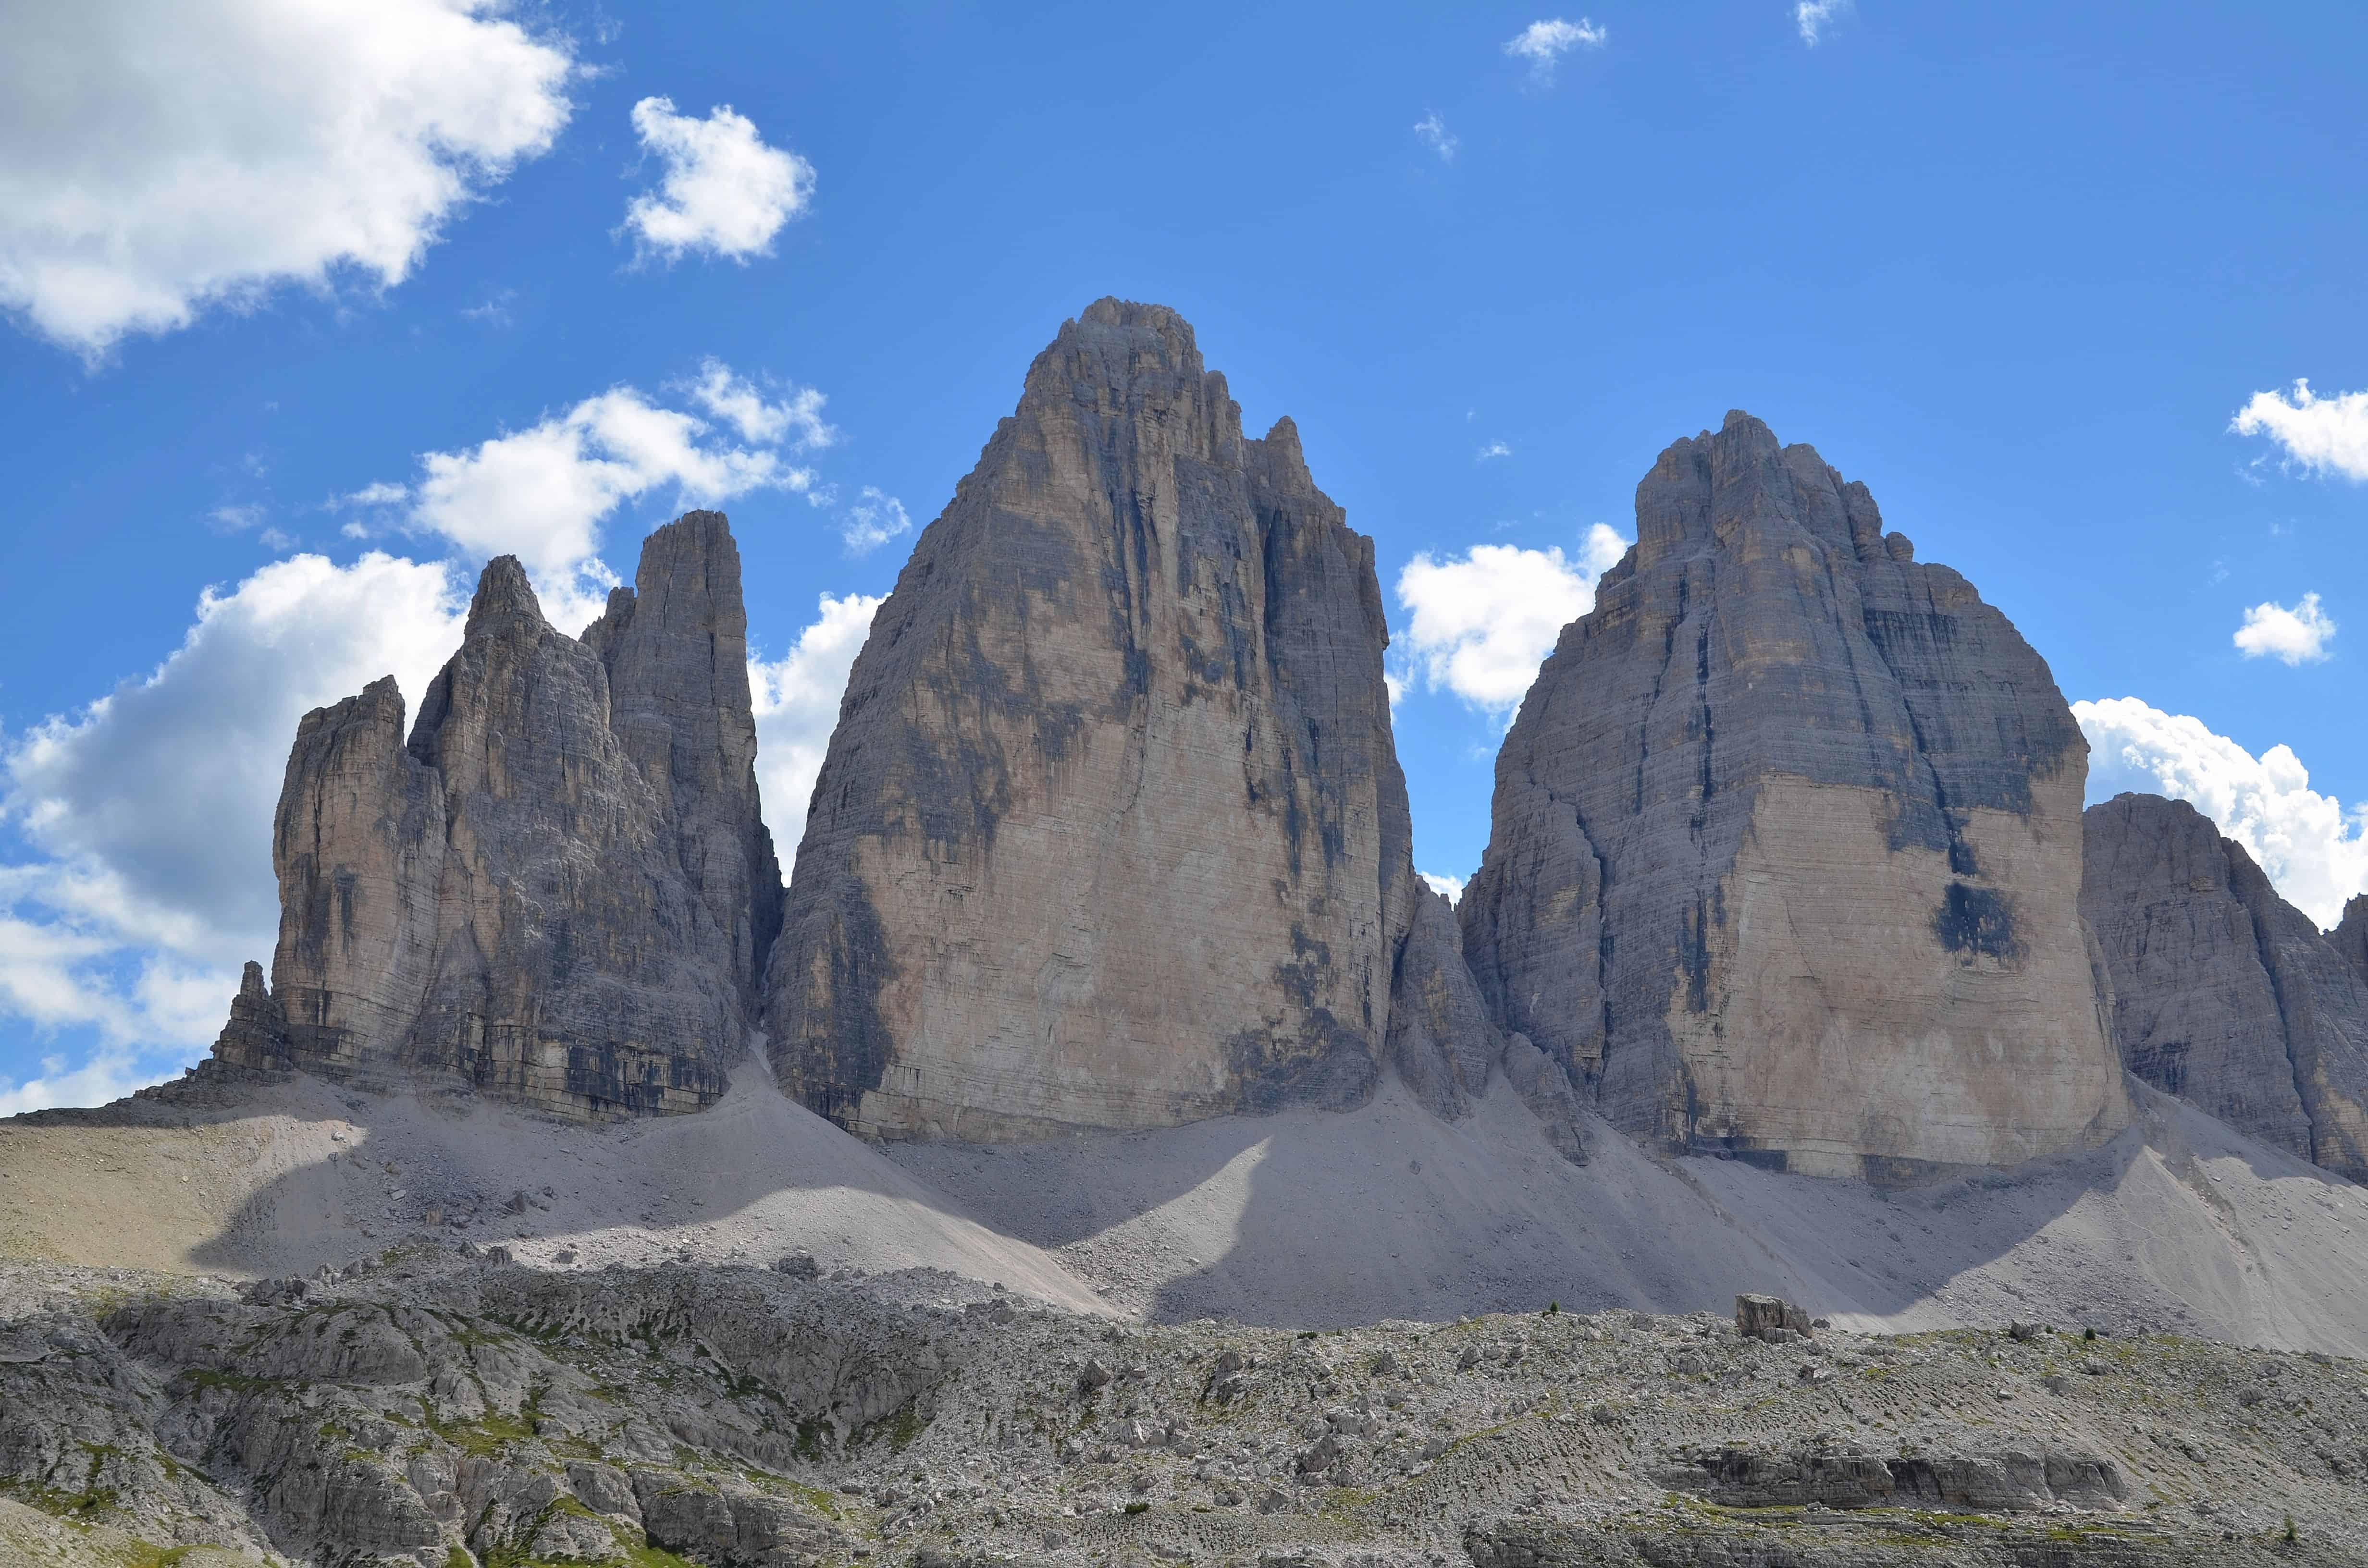 Le tre cime di Lavaredo. Tempo : 1/250 sec. Diaframma : F/8 Iso : 100 Distanza focale : 26  mm.